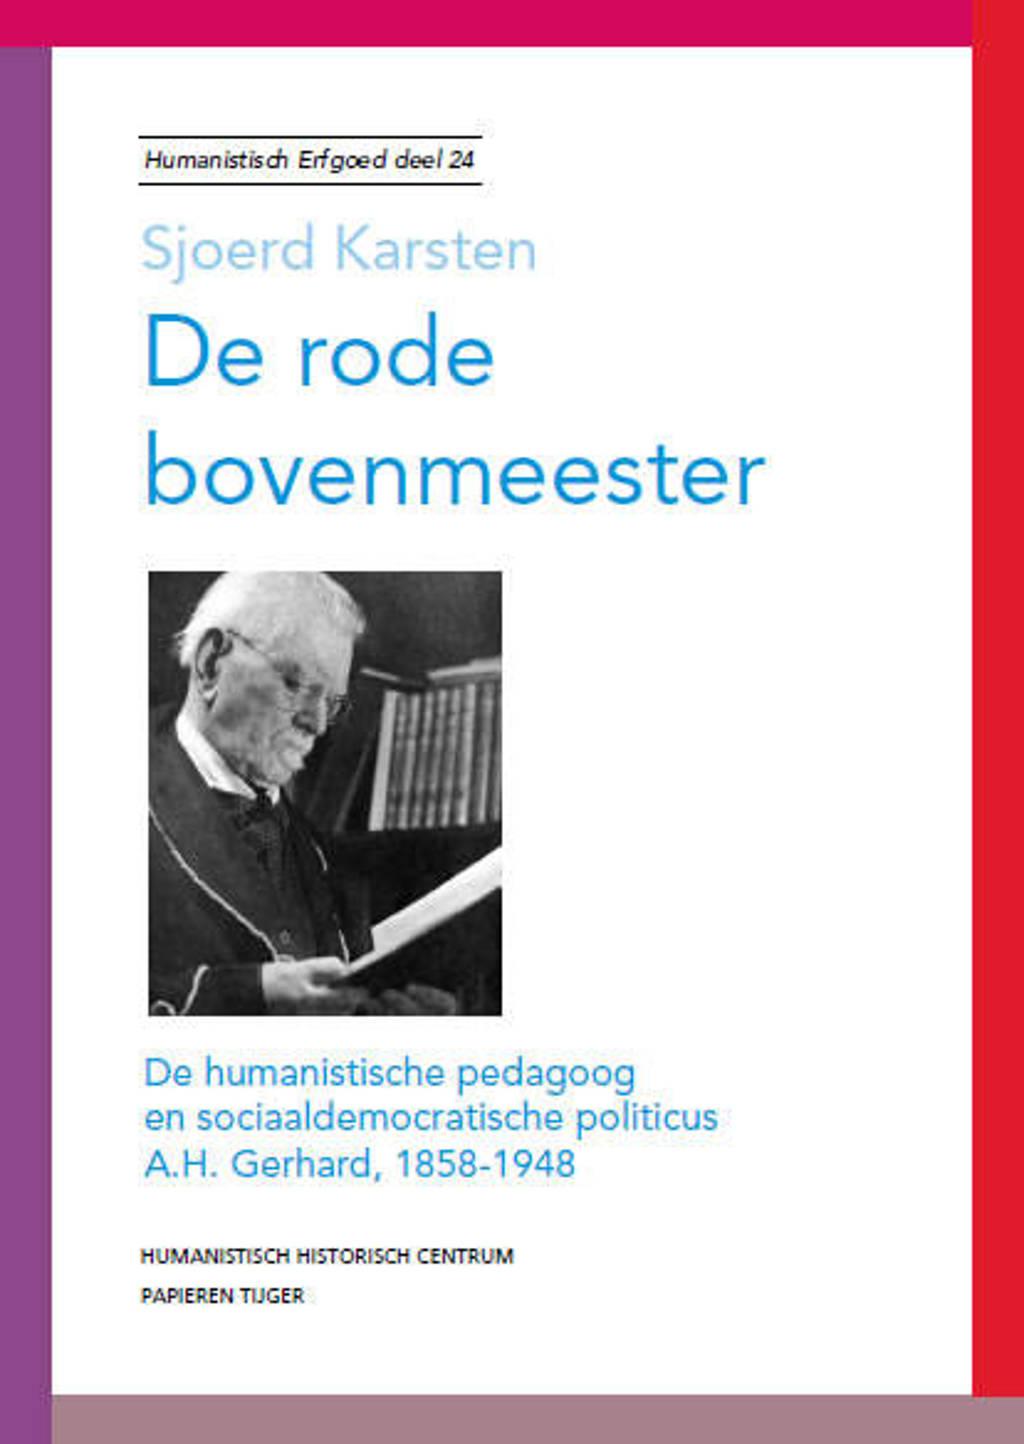 Humanistisch erfgoed: De rode bovenmeester - Sjoerd Karsten